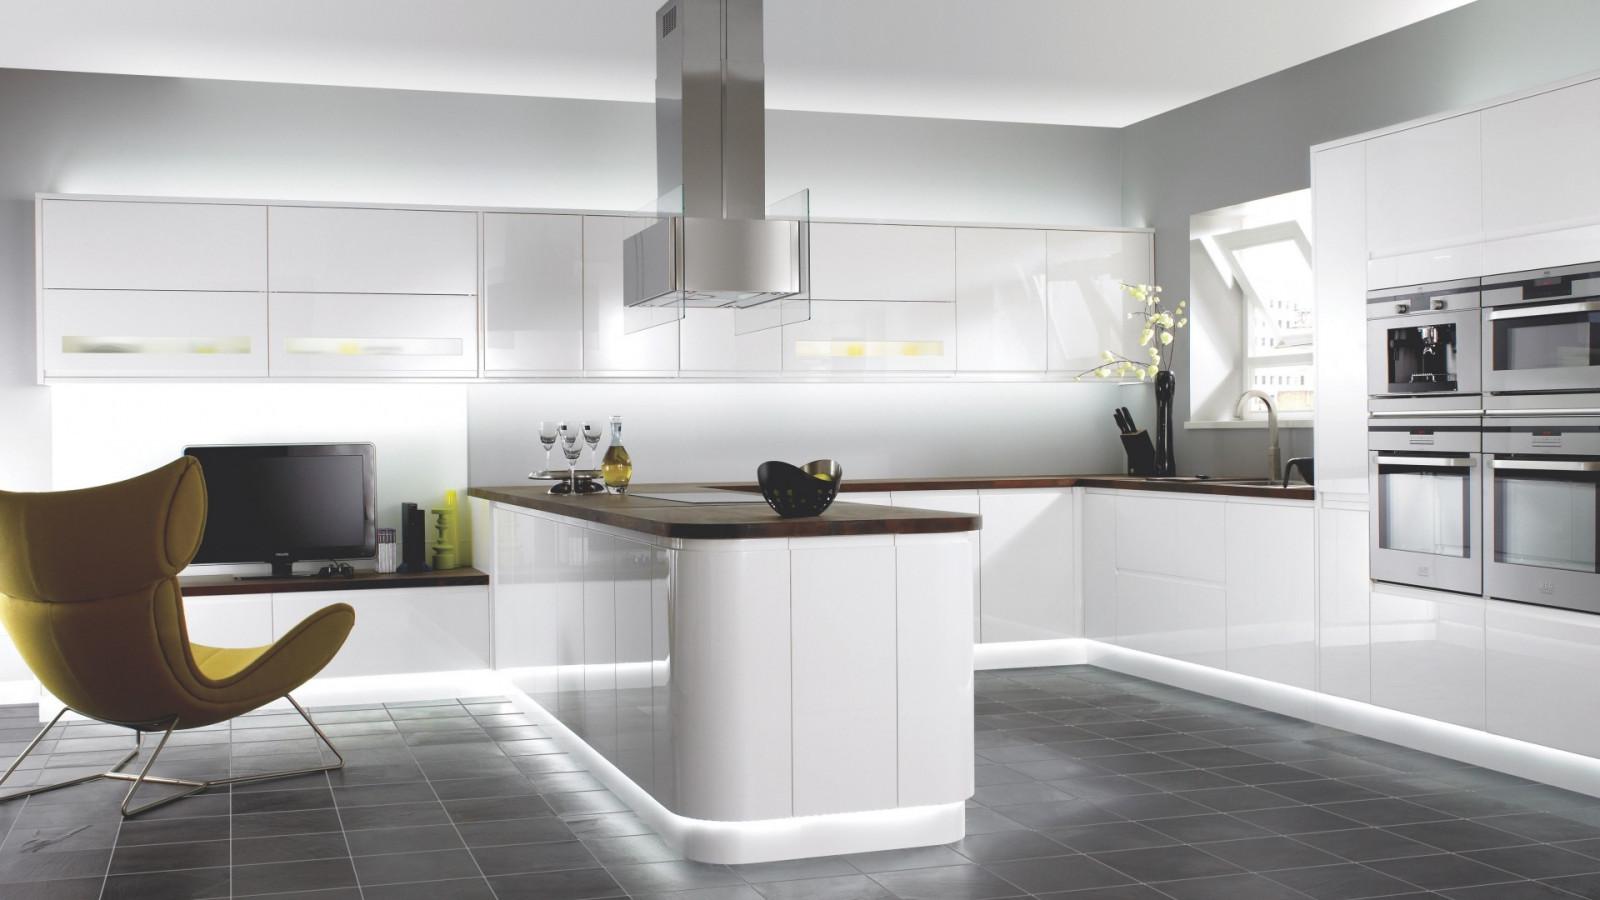 Fond d 39 cran chambre int rieur cuisine design d for Technologie cuisine